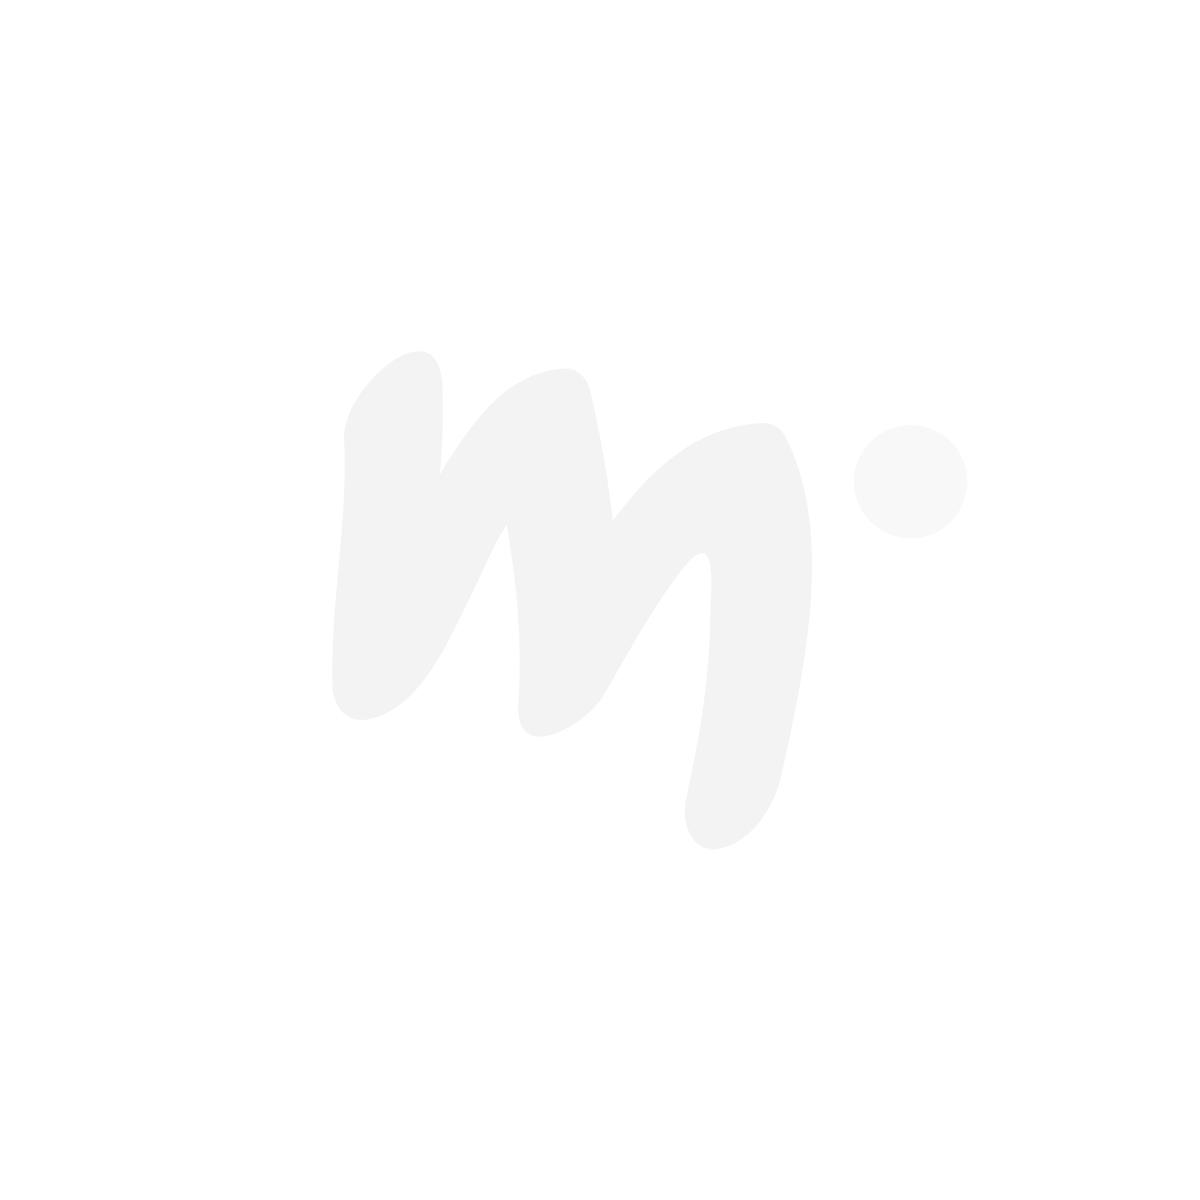 Muumi Aakkoset-body sininen